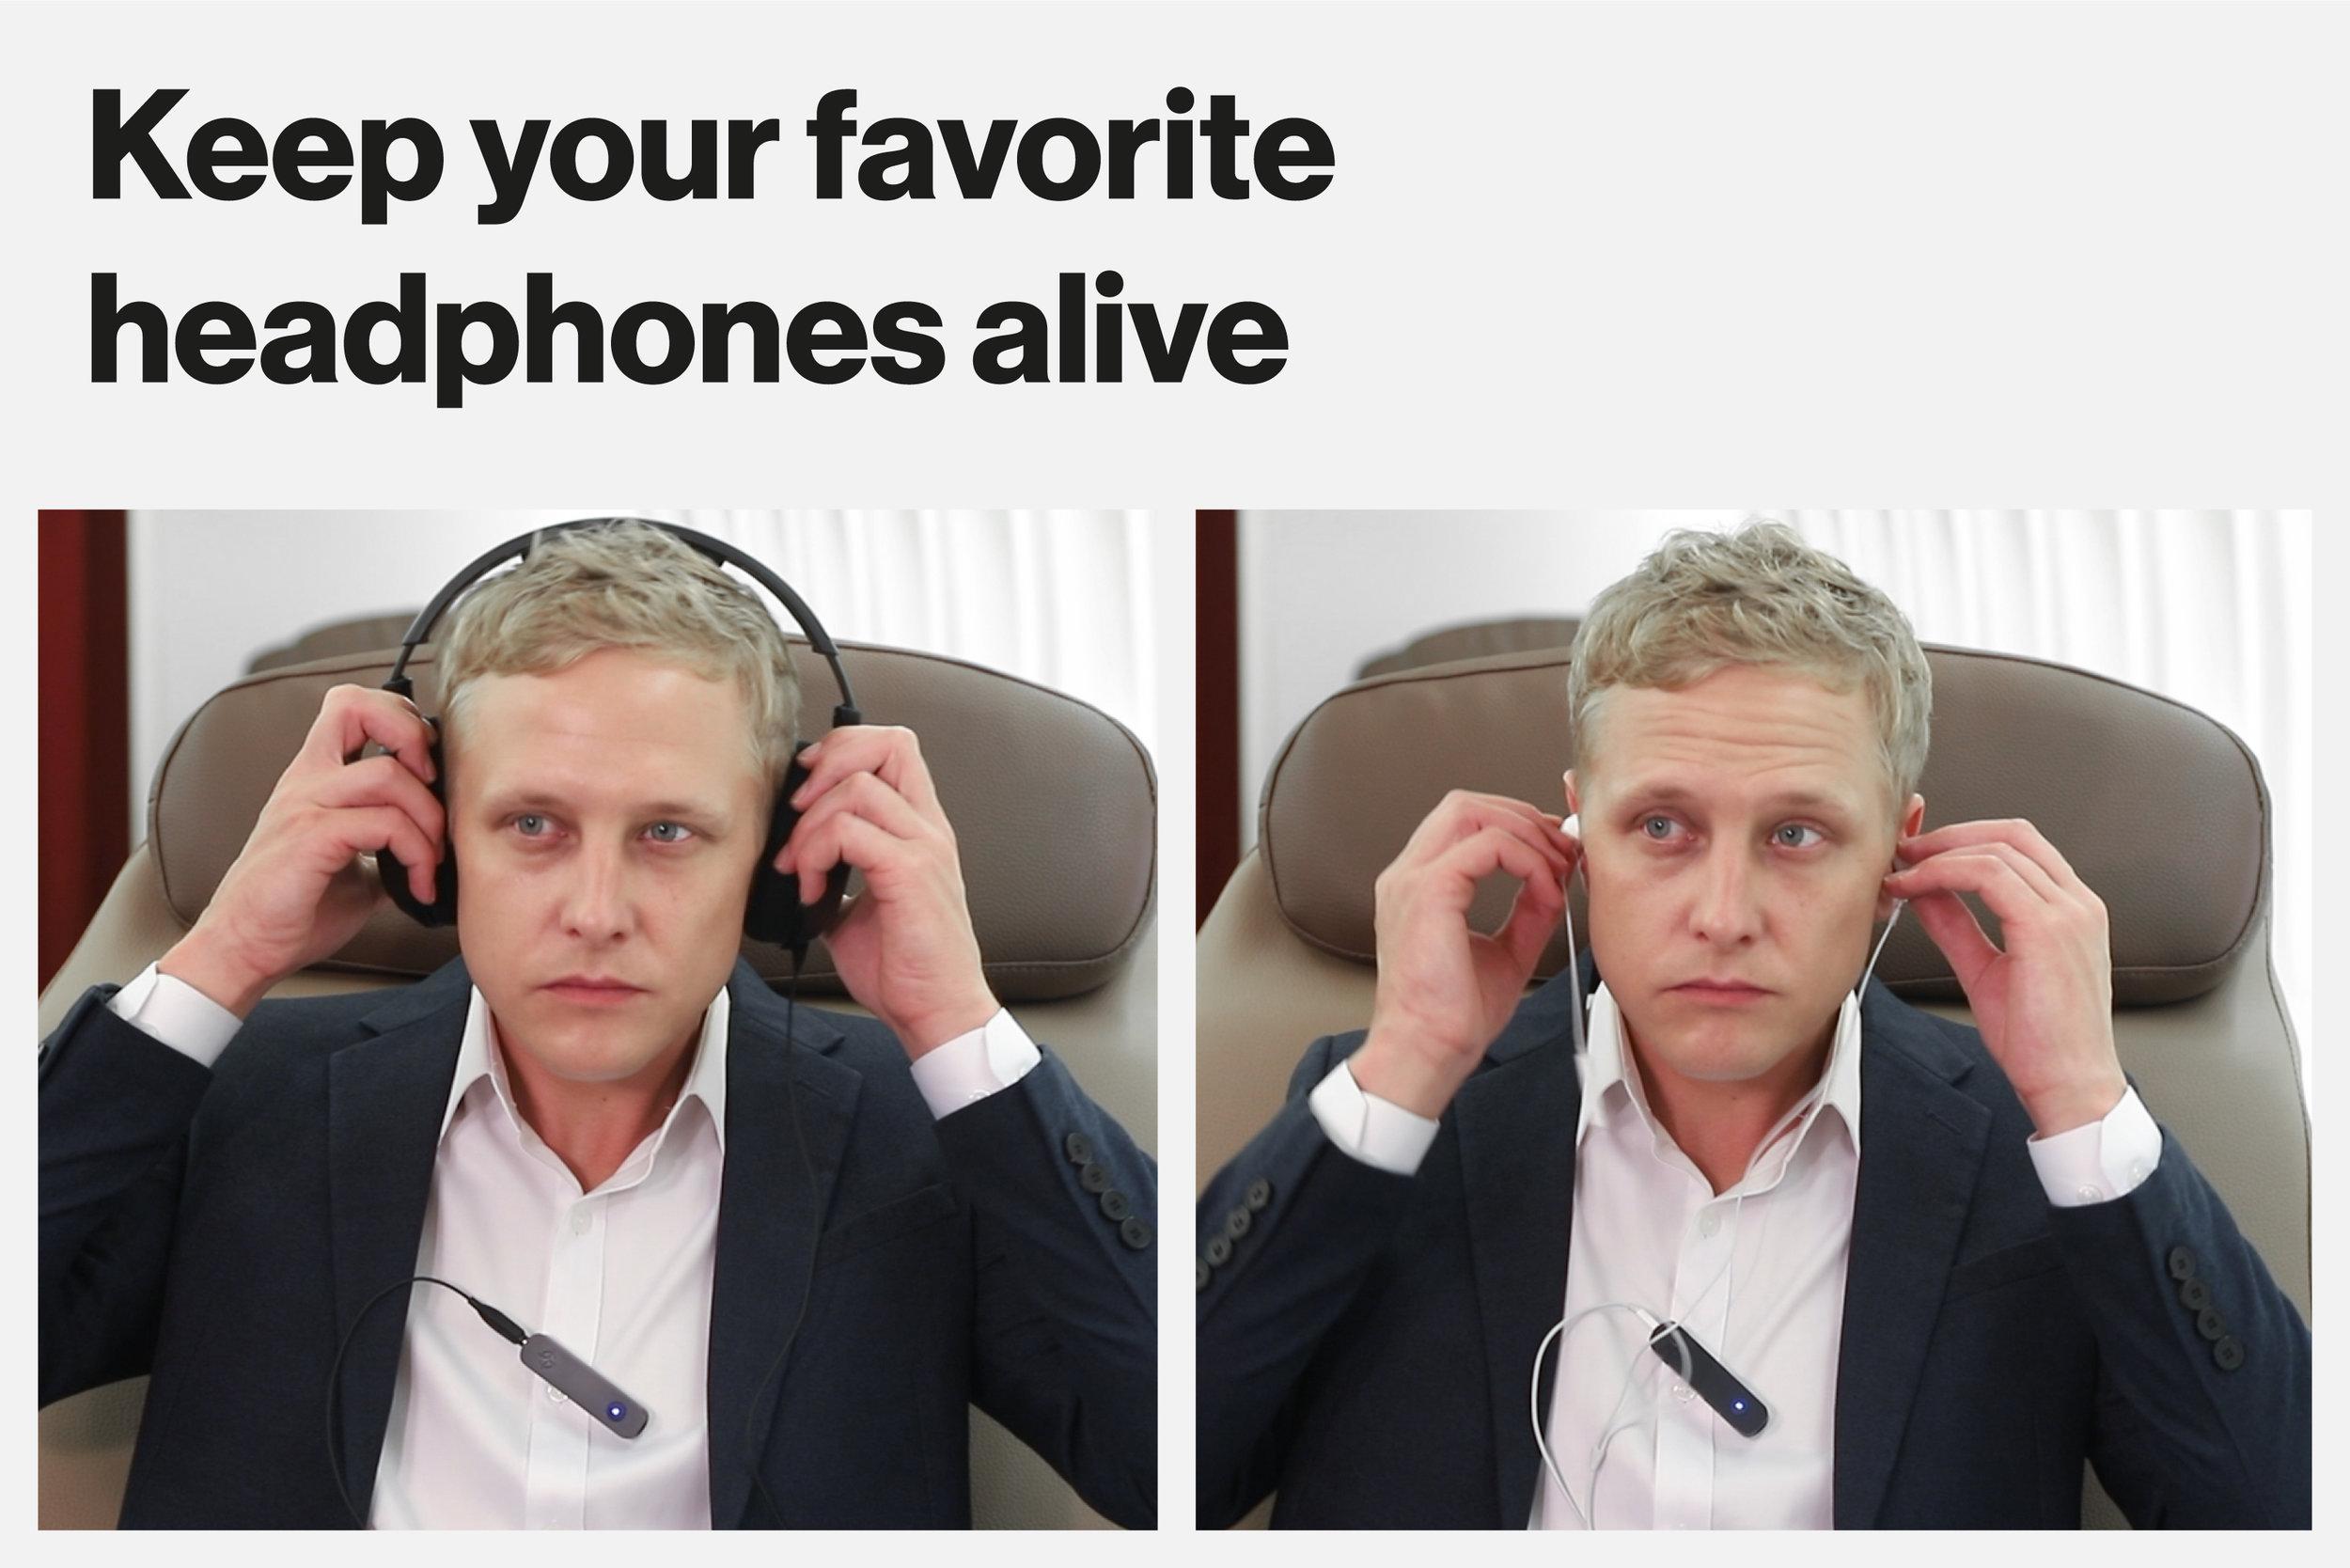 KeepYourFavoriteHeadphonesAlive.jpg